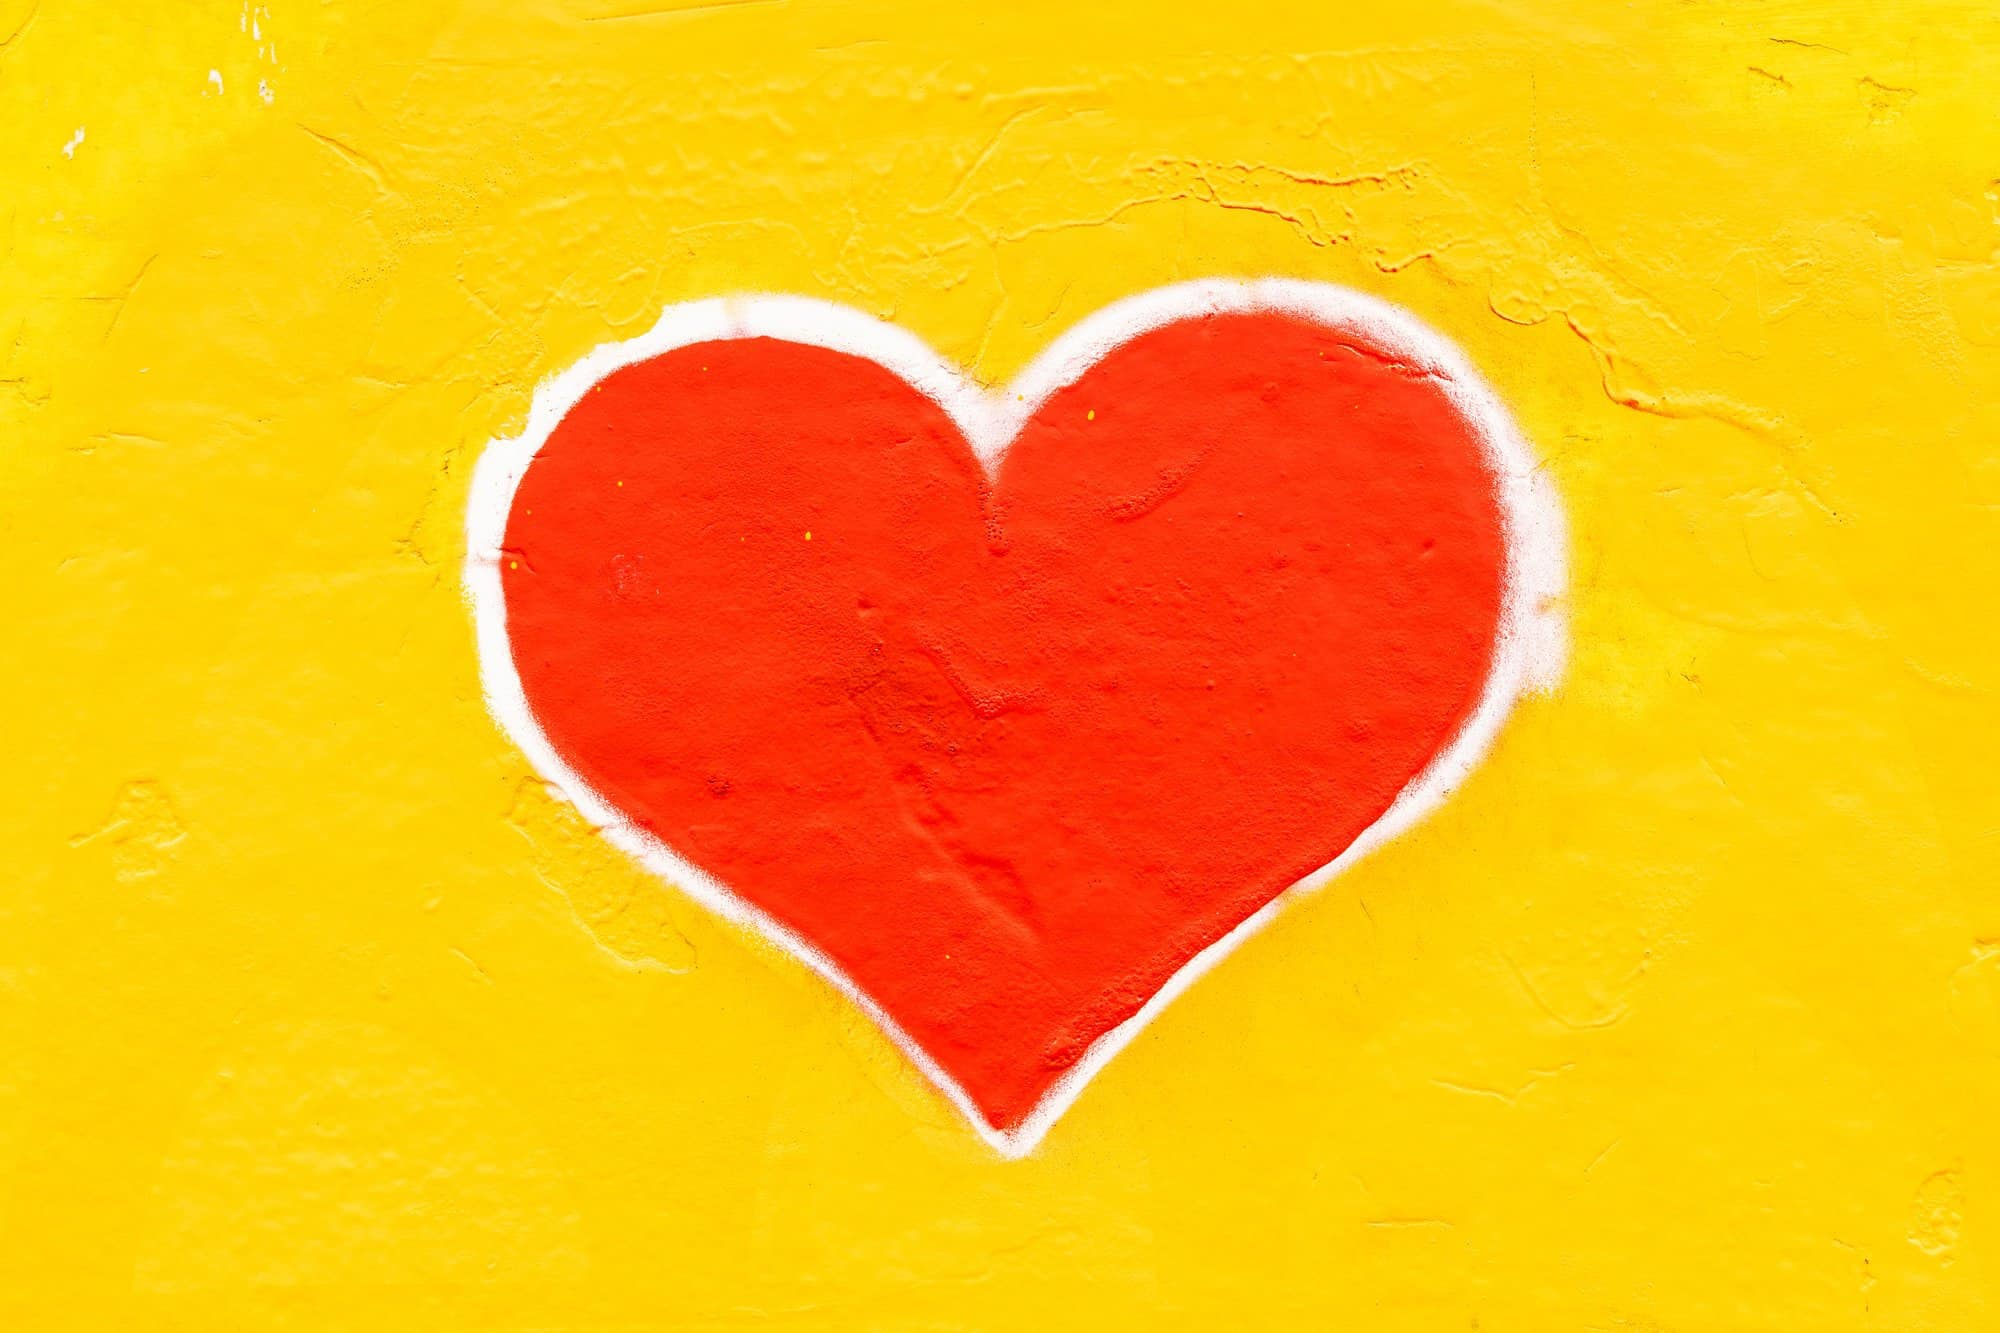 Ama todo lo que hagas, ama sin condiciones